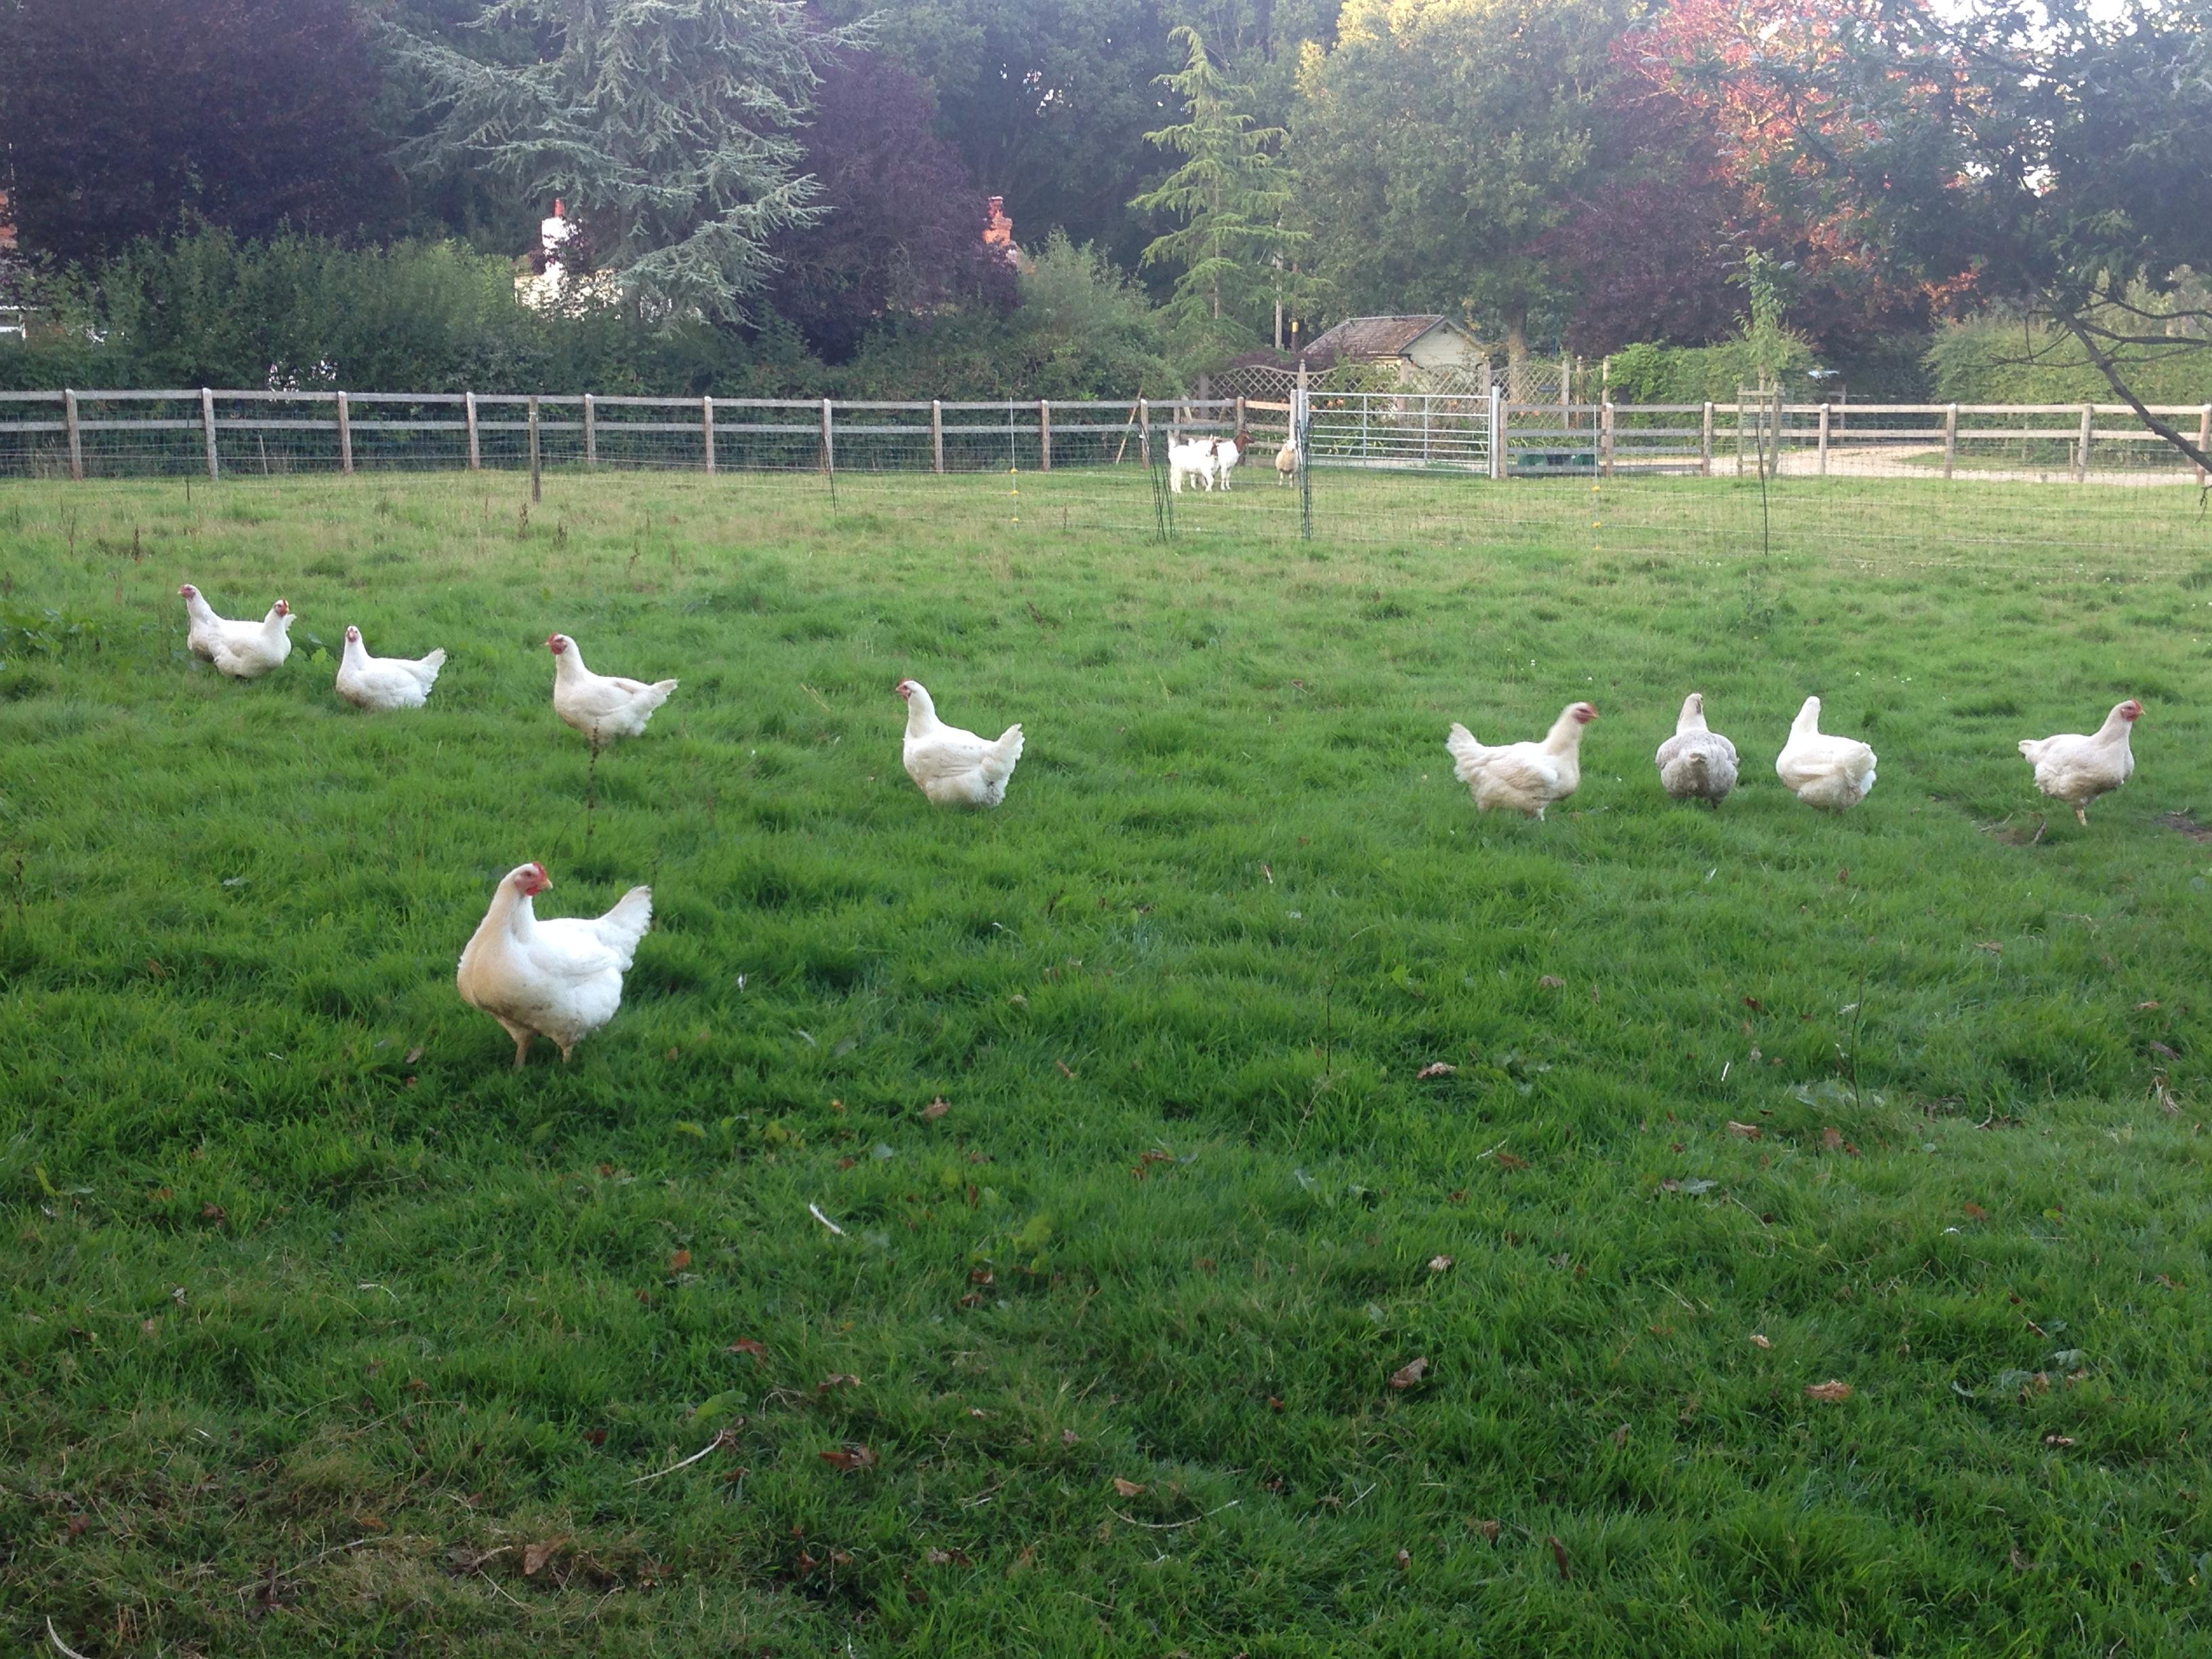 Free range Dorset chicken